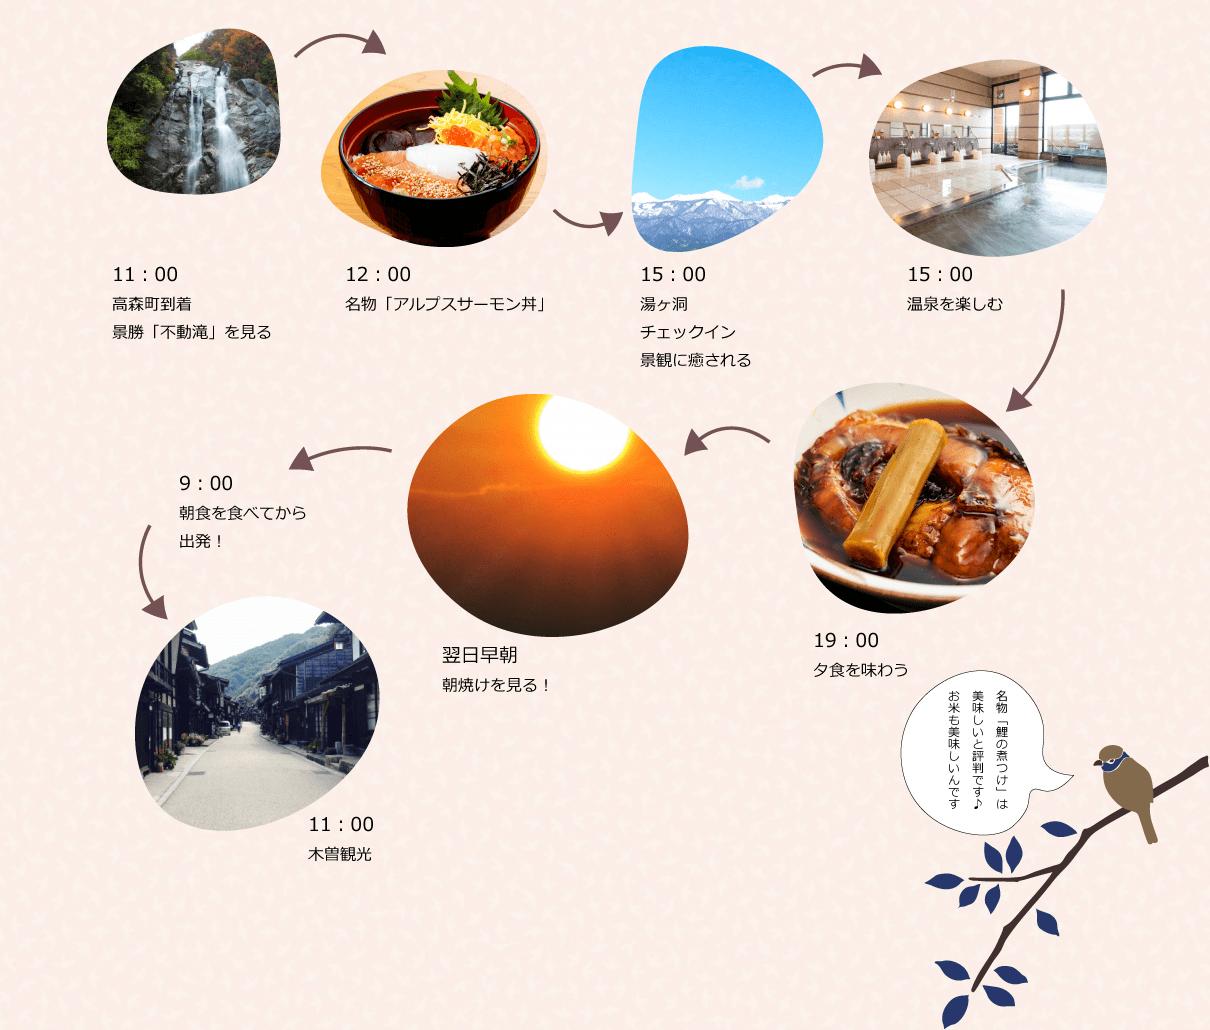 1泊2日 高森・木曽観光